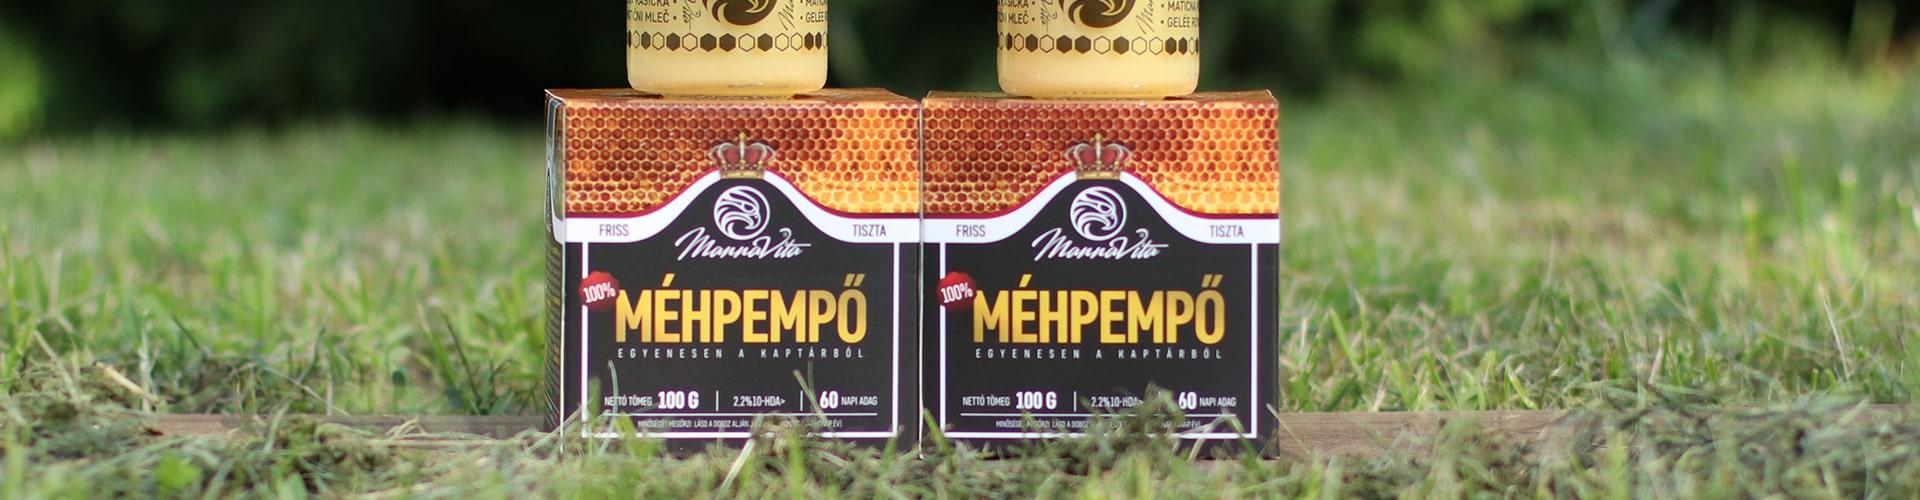 méhpempő magas vérnyomás ellen gallérzónás masszázs hipertónia videó